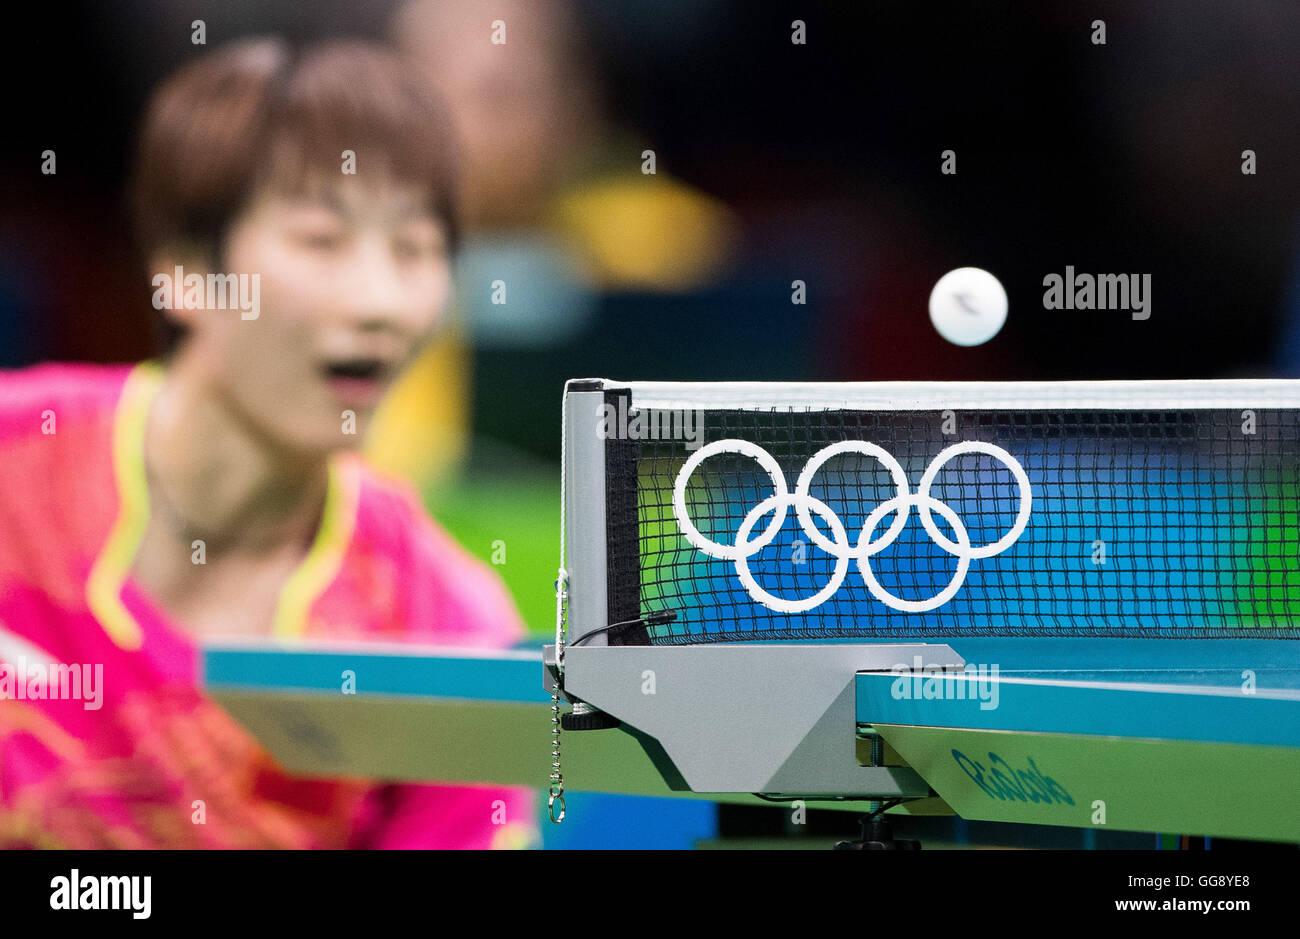 Rio de Janeiro, Brésil. 10 août, 2016. Tennis de table aux Jeux olympiques de 2016 - Détail du réseau Photo Stock